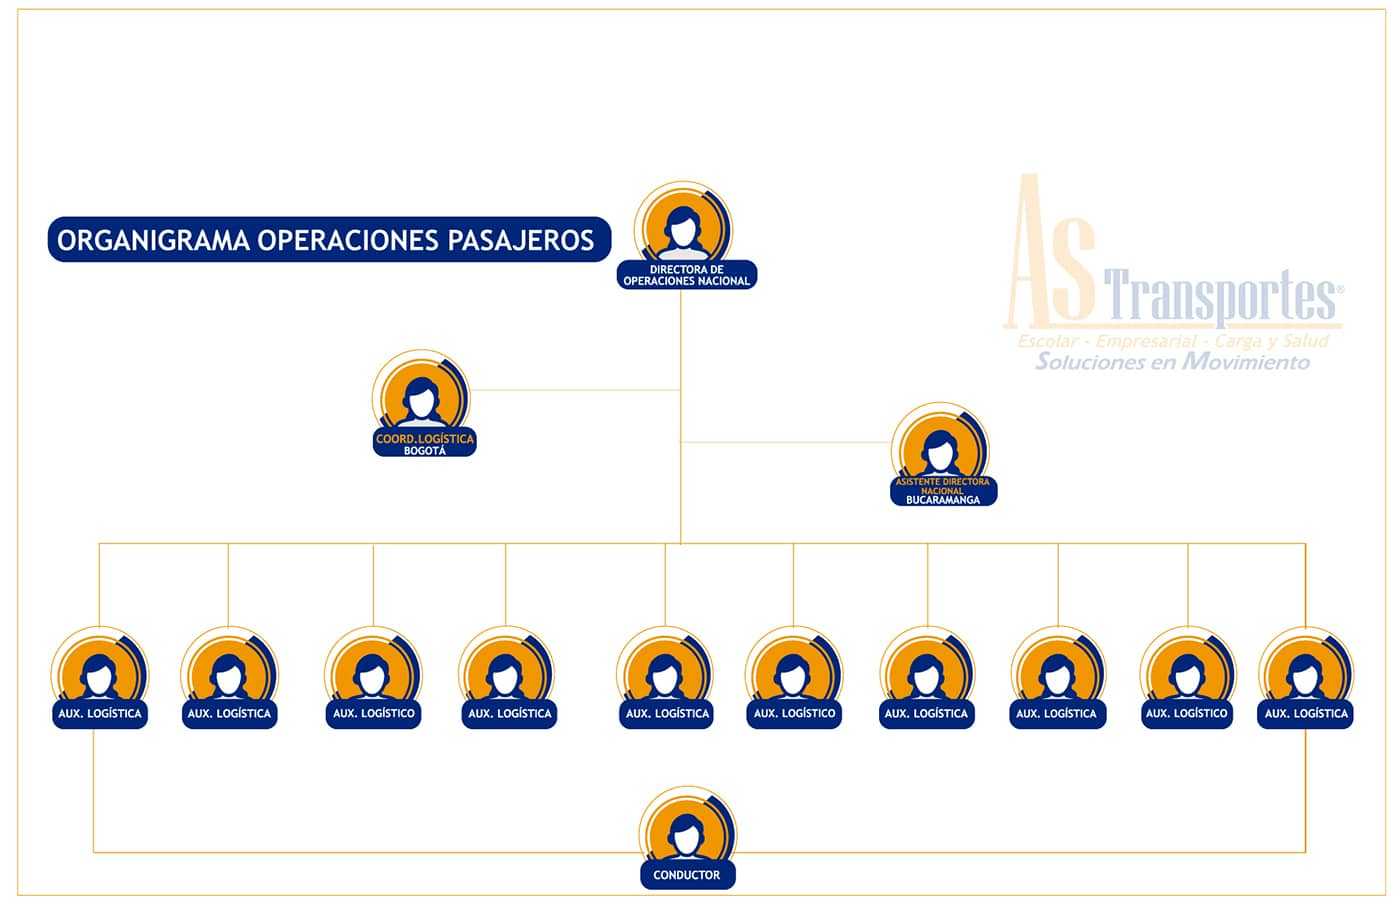 ORGANIGRAMA DE PAGINA WEB OPERACIONES PASAJEROS